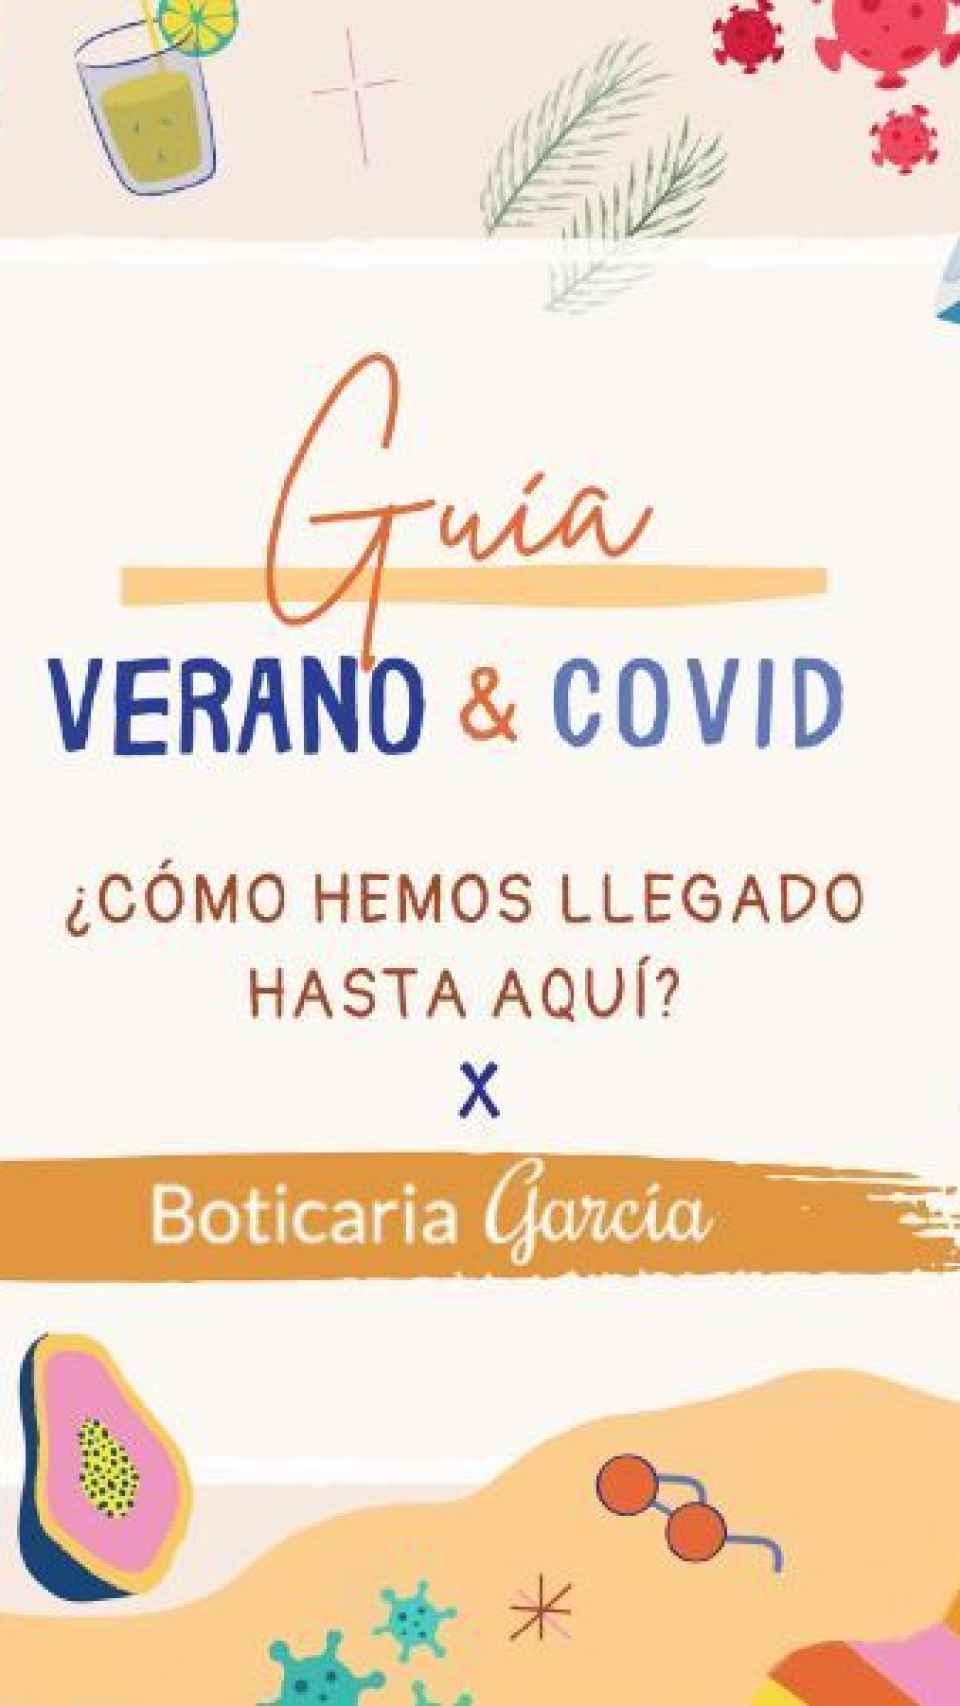 Portada de la guía Verano y Covid de boticaria García